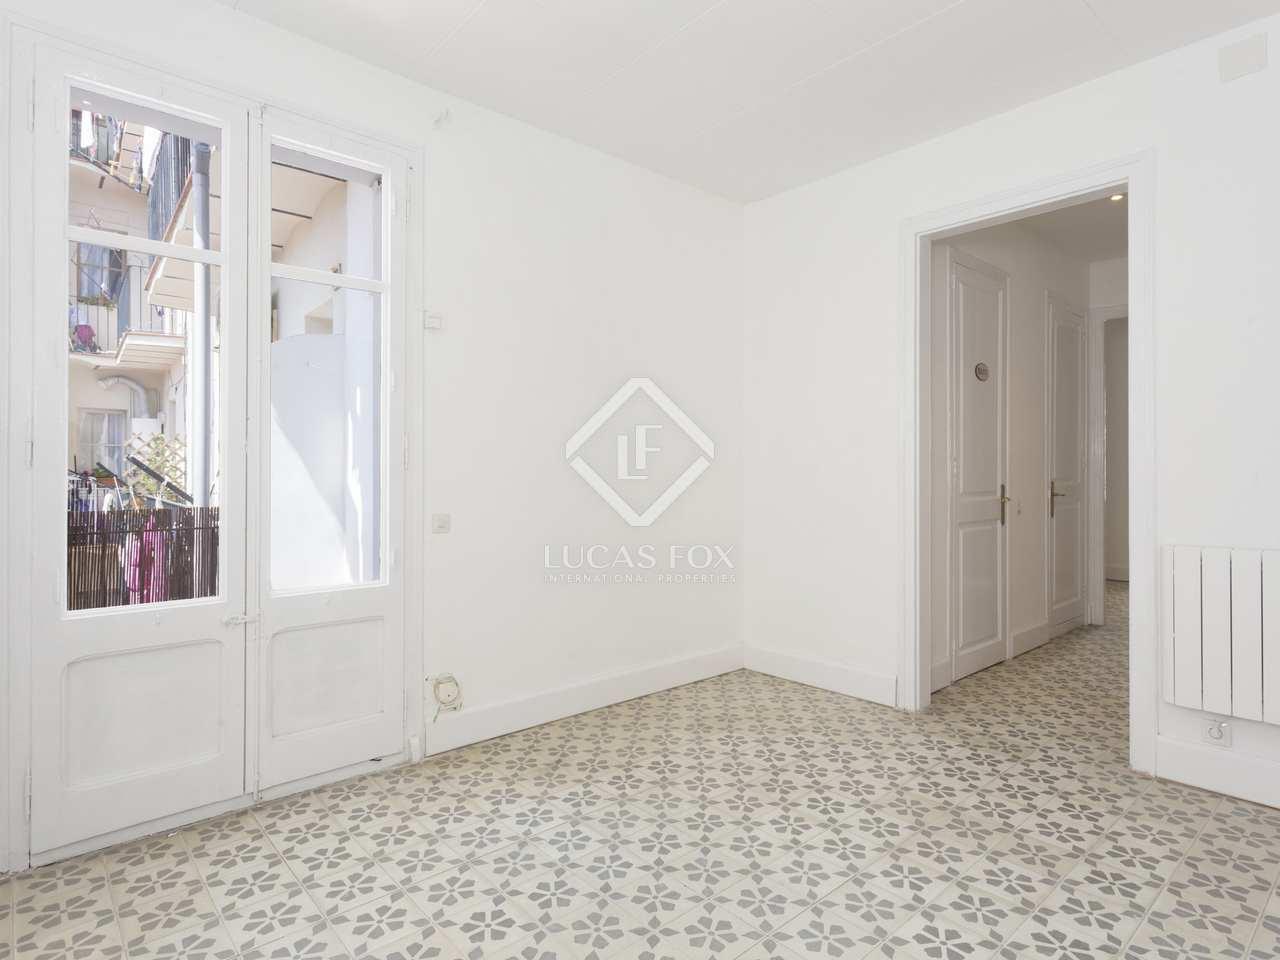 80m wohnung zur miete in sant gervasi galvany barcelona for Wohnung zur miete